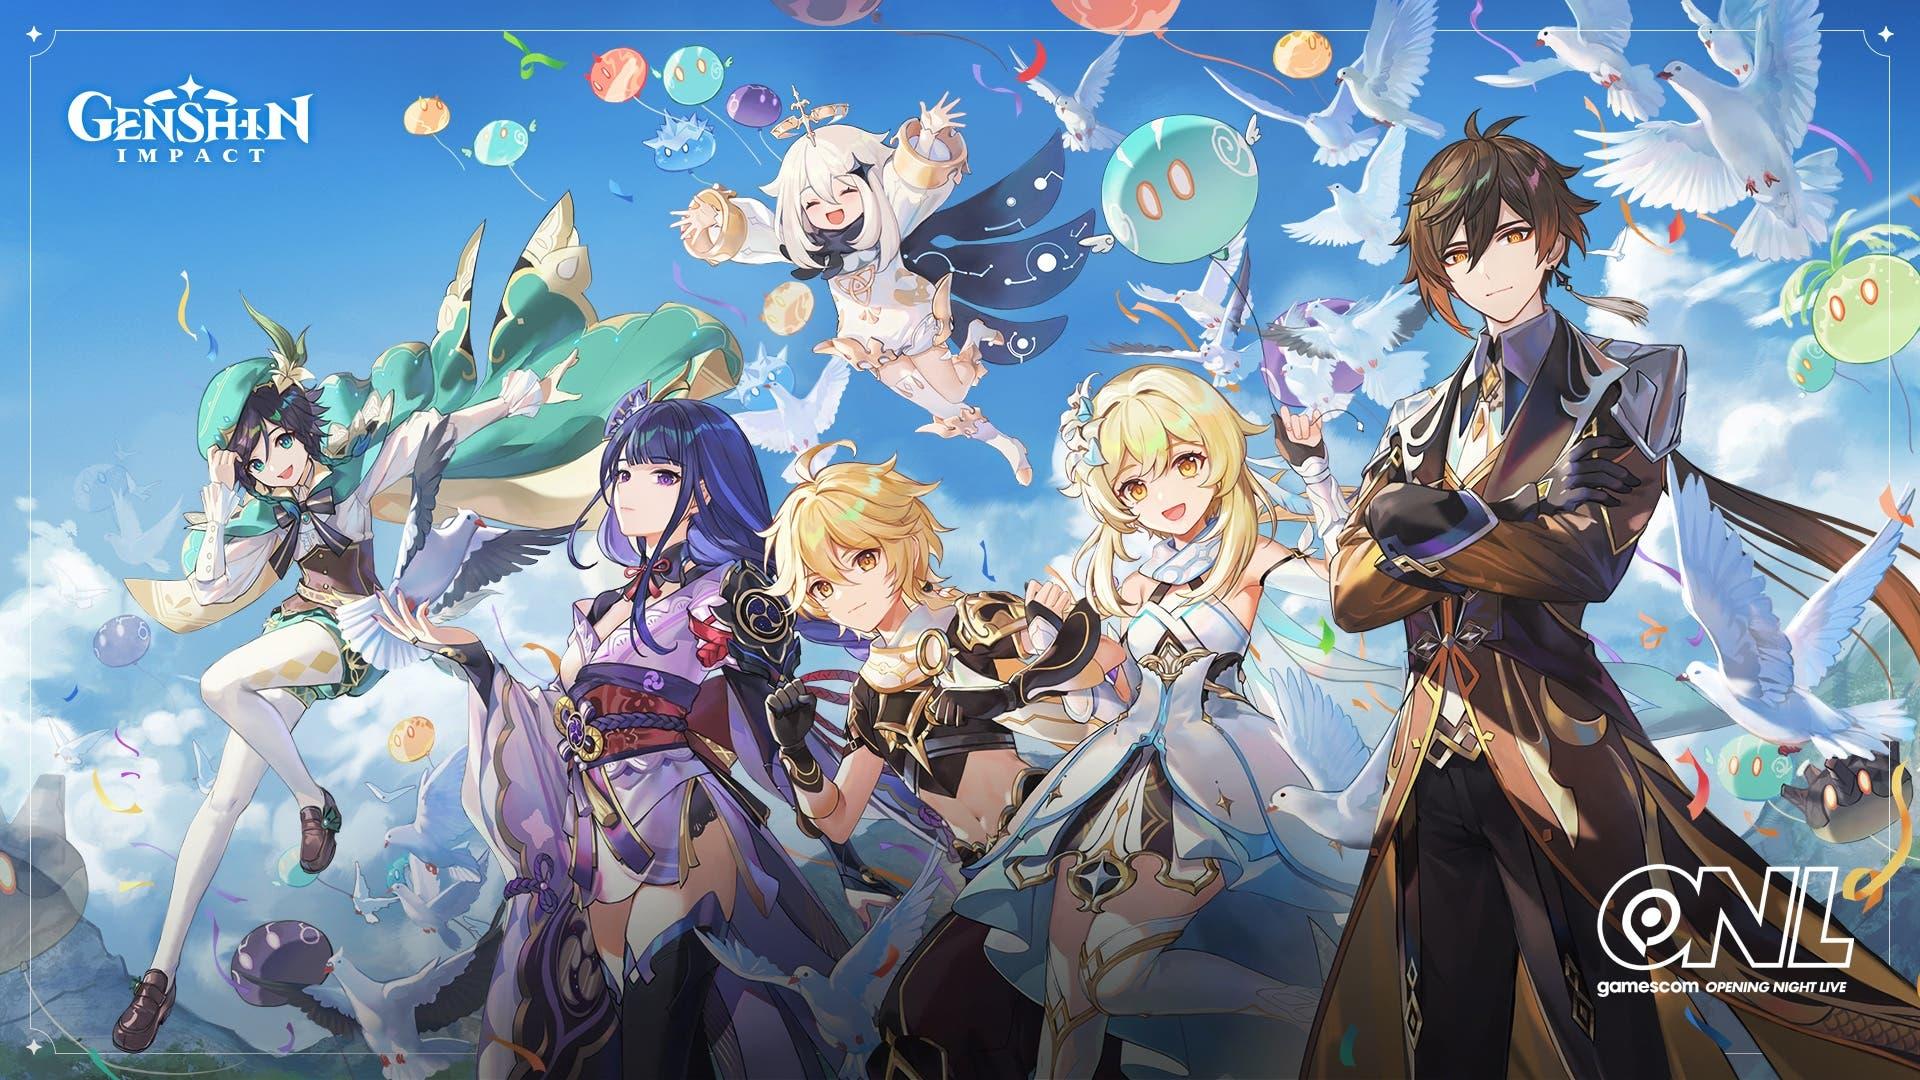 Genshin Impact confirma su presencia en la Gamescom y los fans ruegan novedades para Nintendo Switch